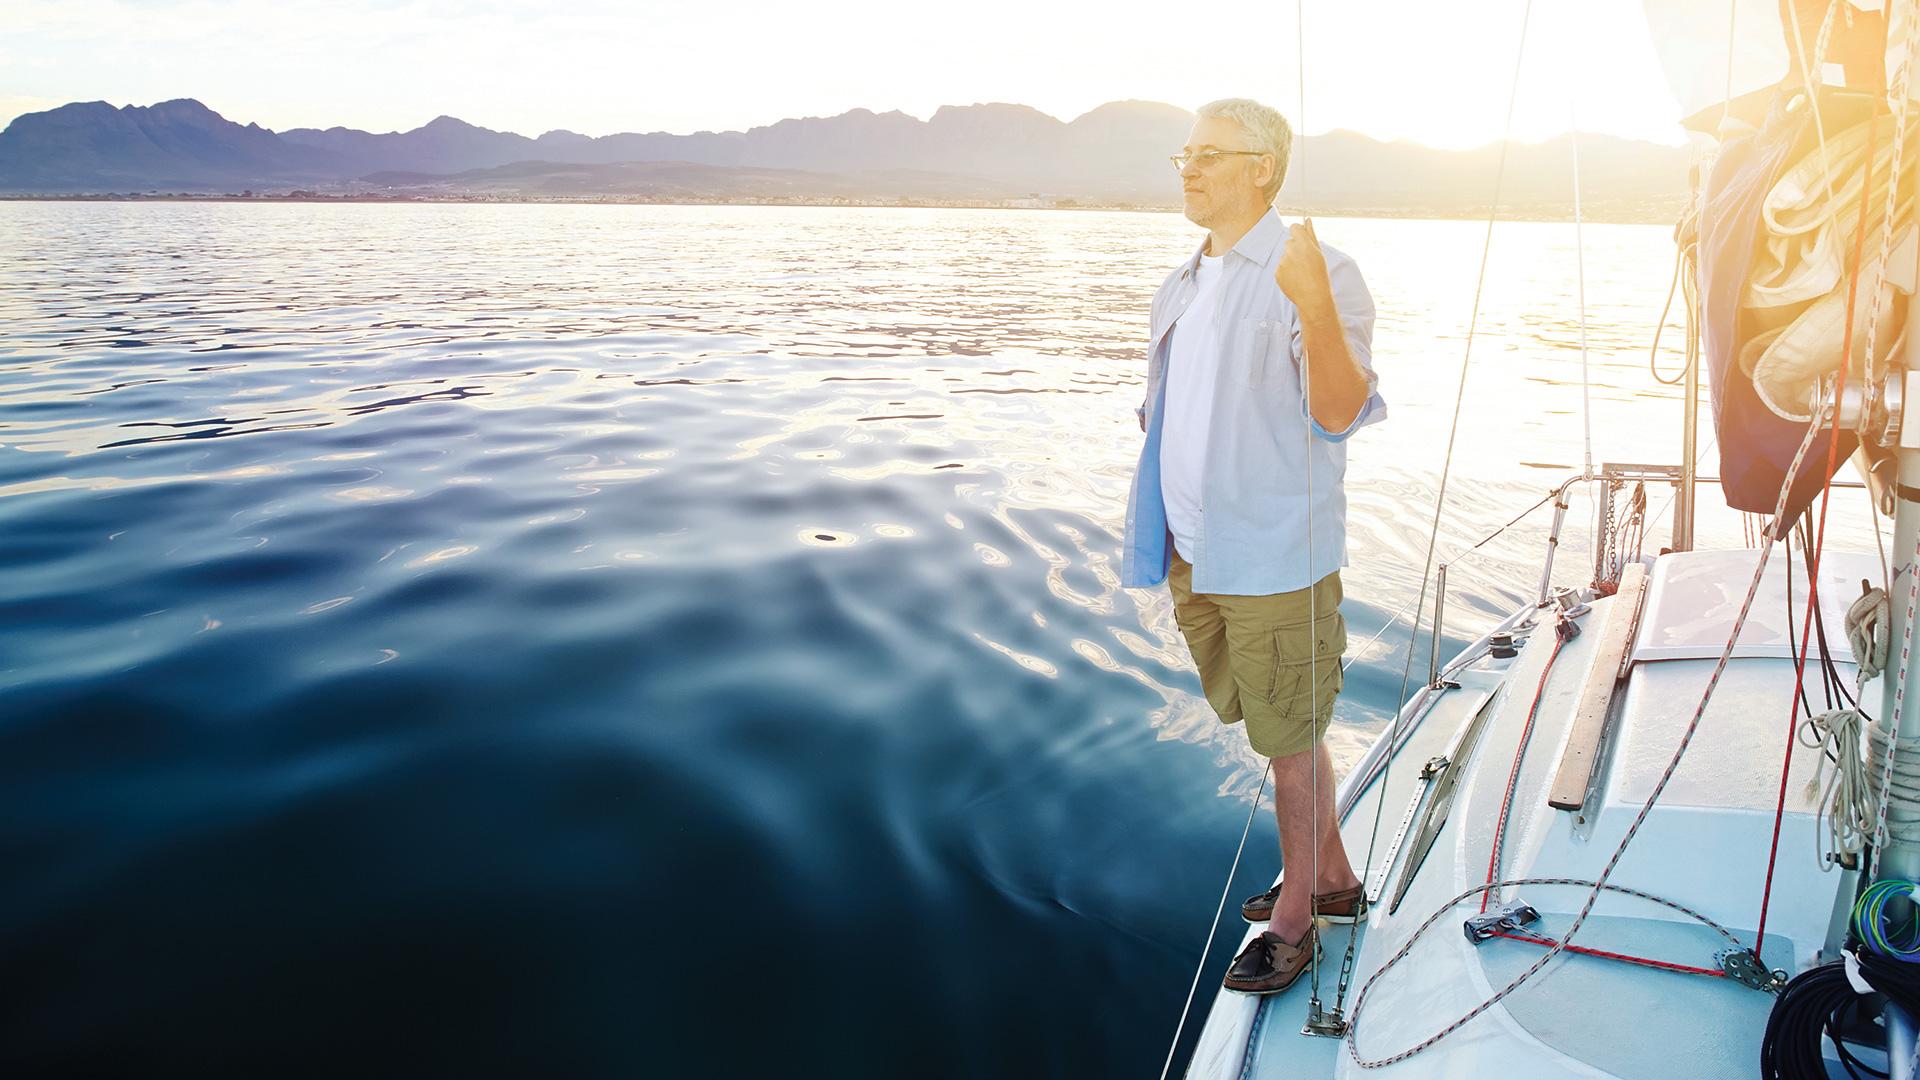 Man on a yacht